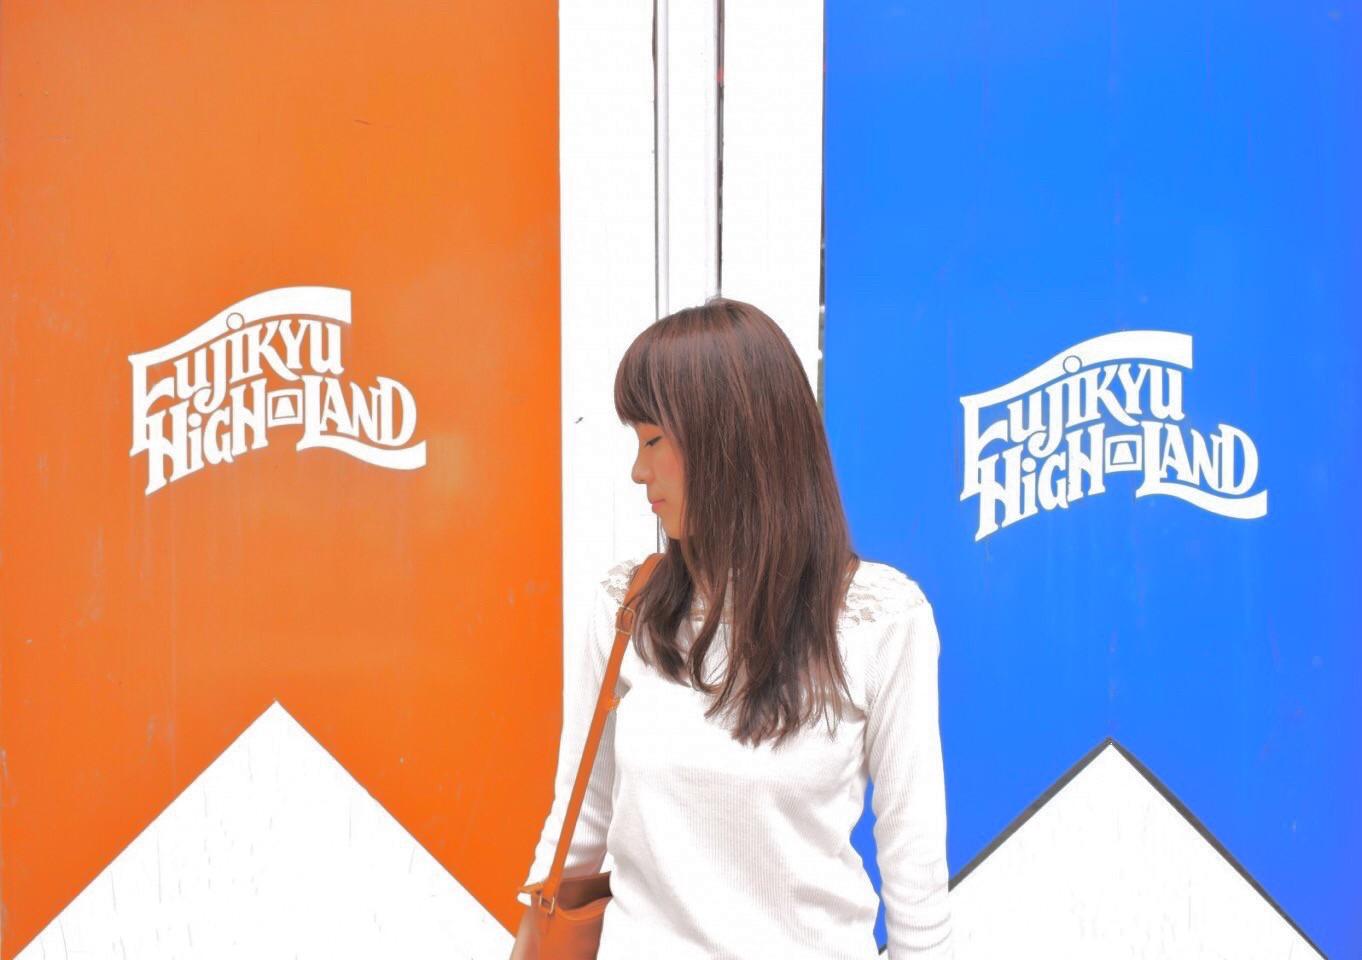 SHOP FUJIYAMA近くの壁